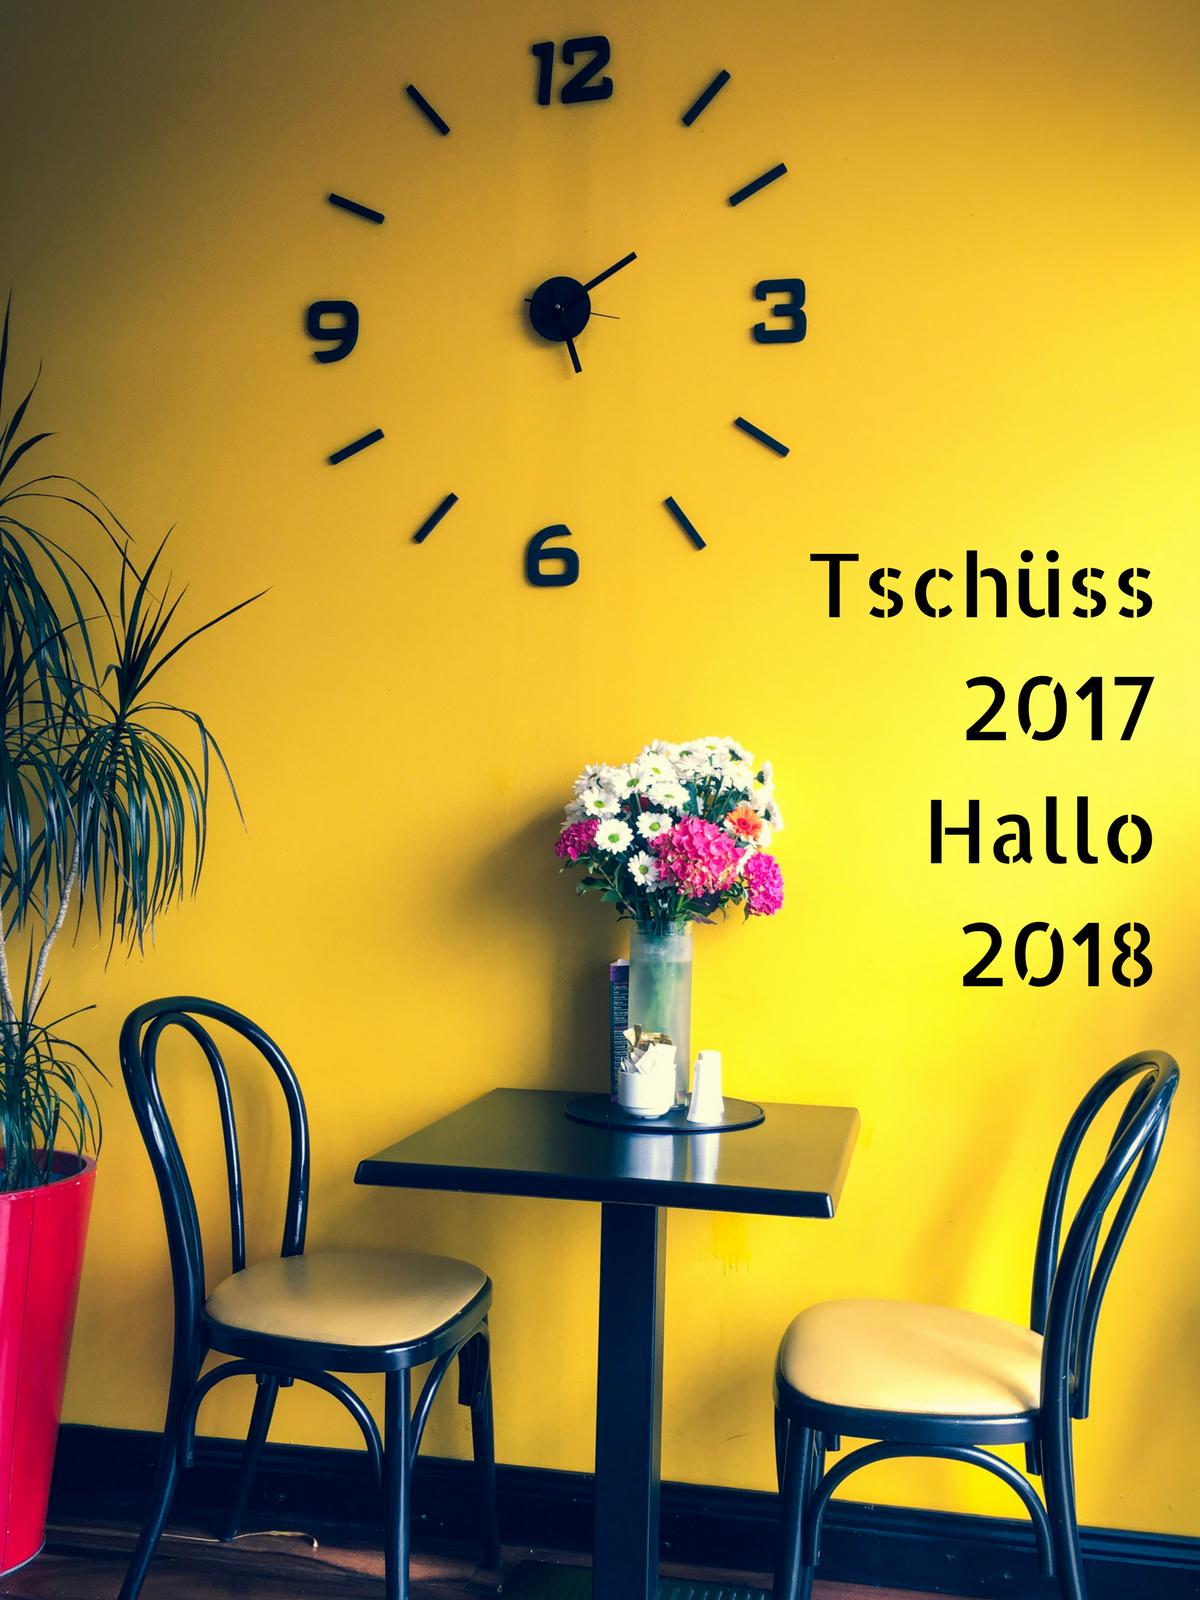 Tschüss 2017 & Hallo 2018 Bilanz 2017 und Vorschau 2017 keksstaub